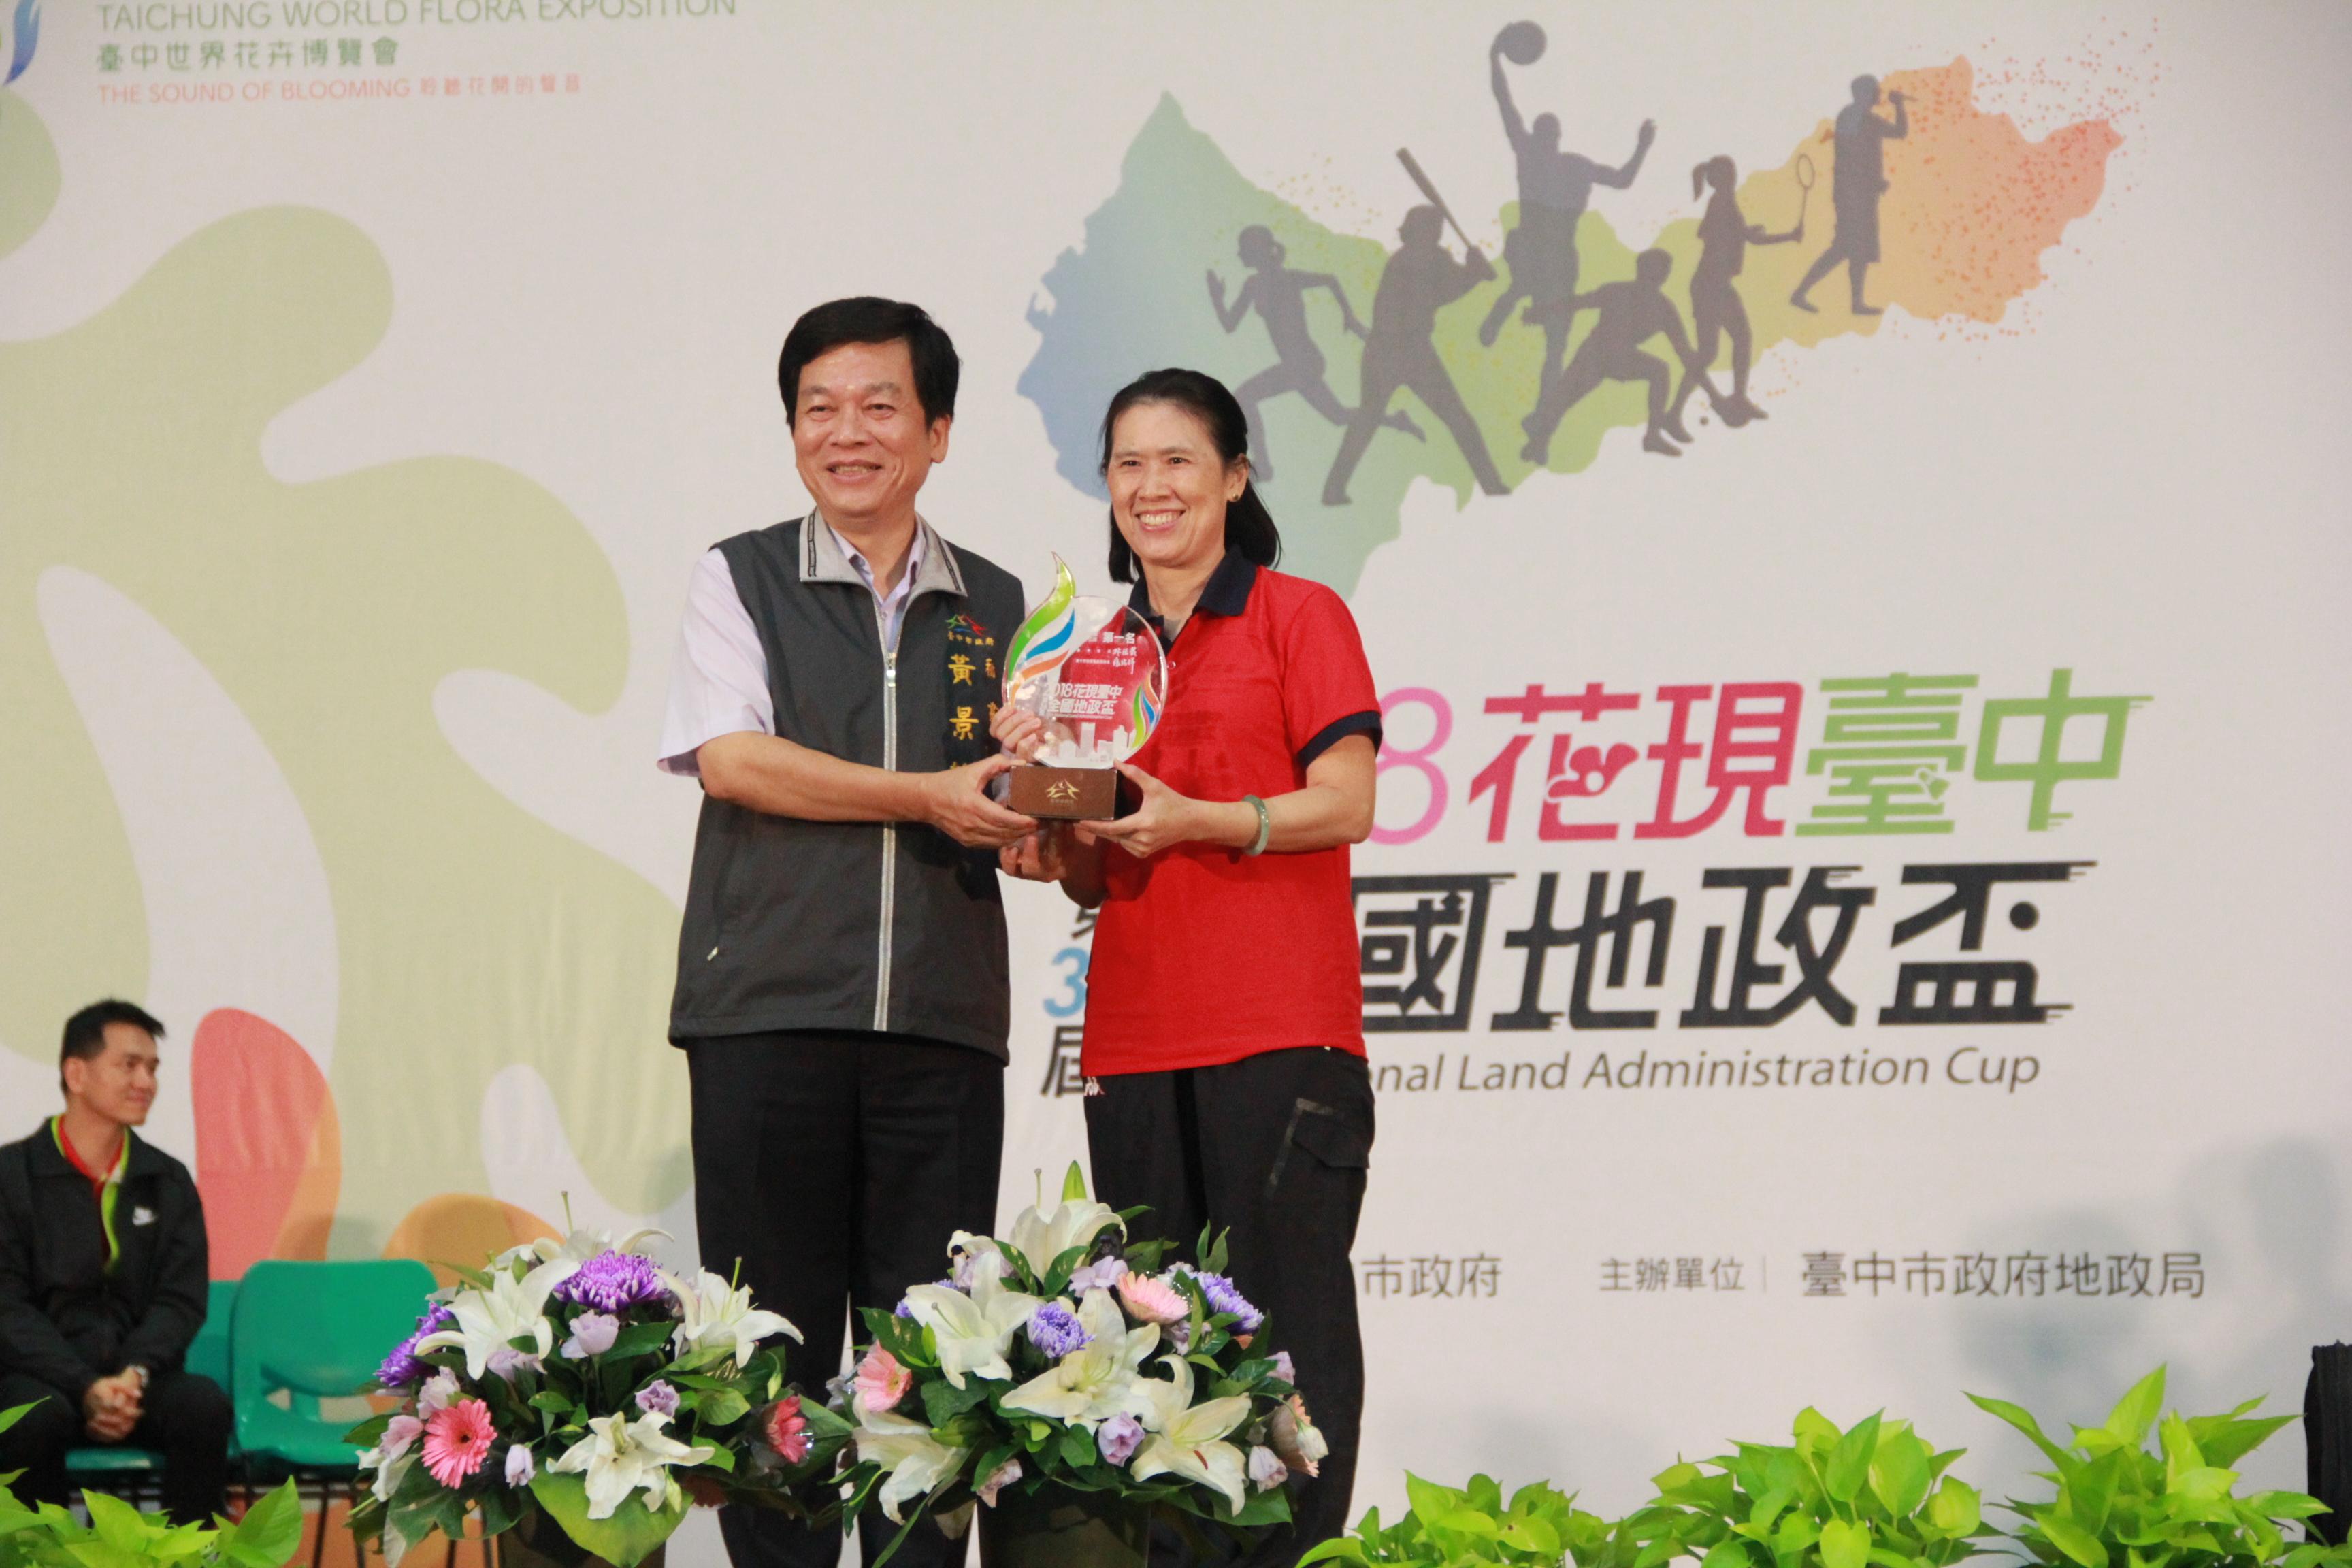 桌球女子乙組榮獲第1名內政部地政司張世淑代表領獎